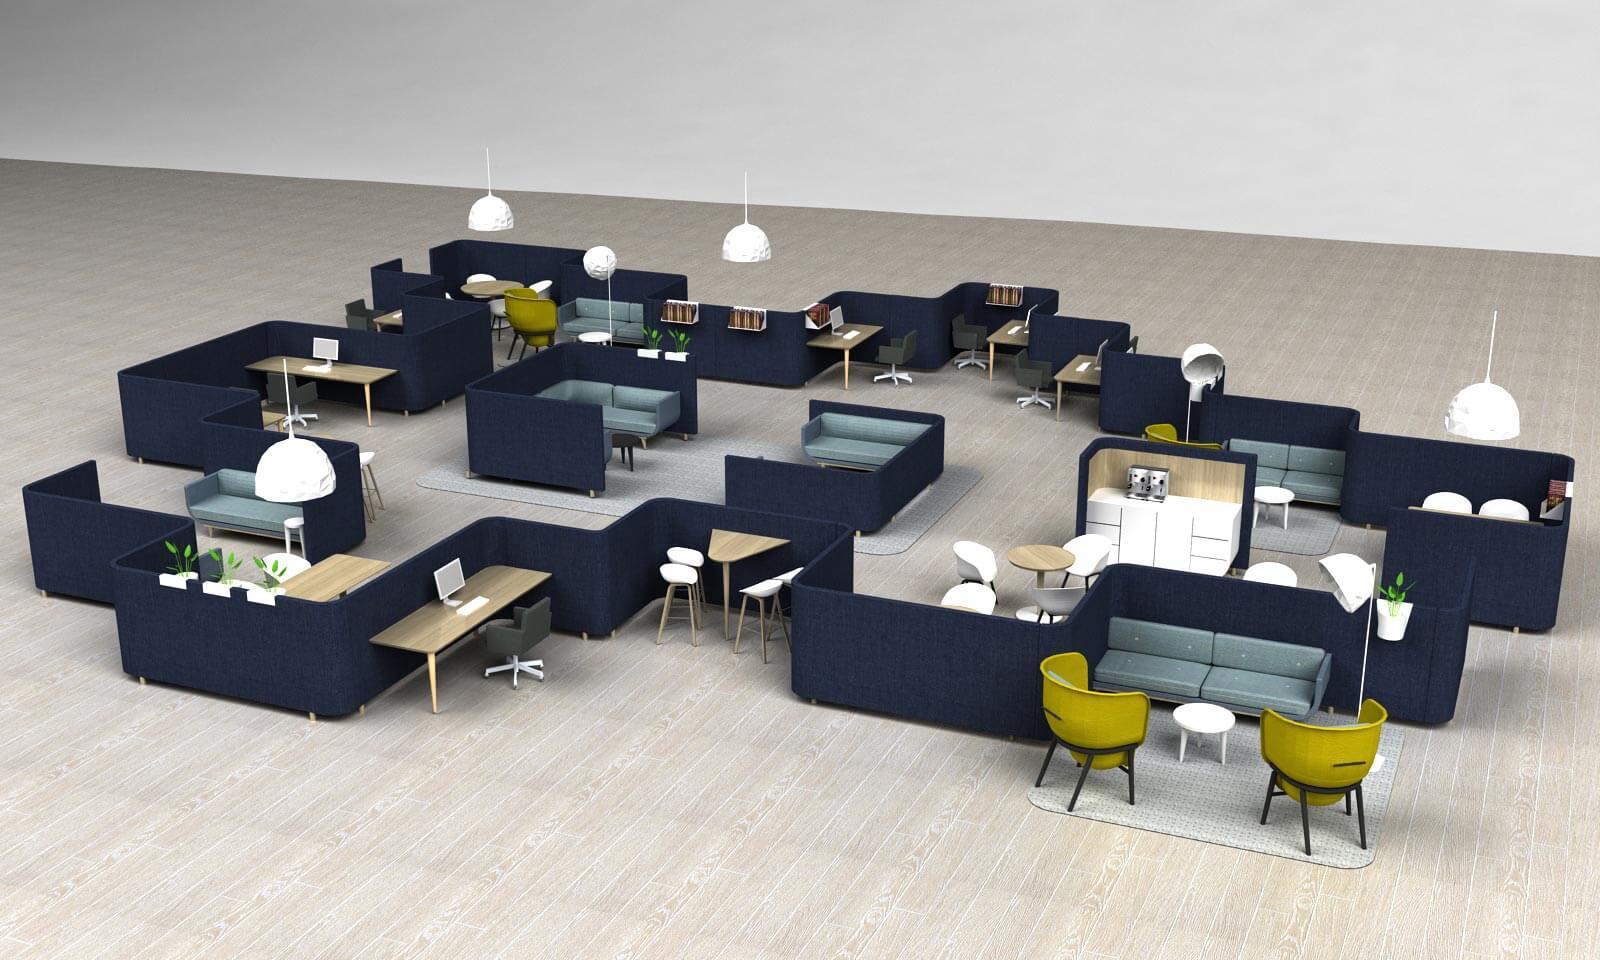 SVING: een compleet interieur met slechts één meubel